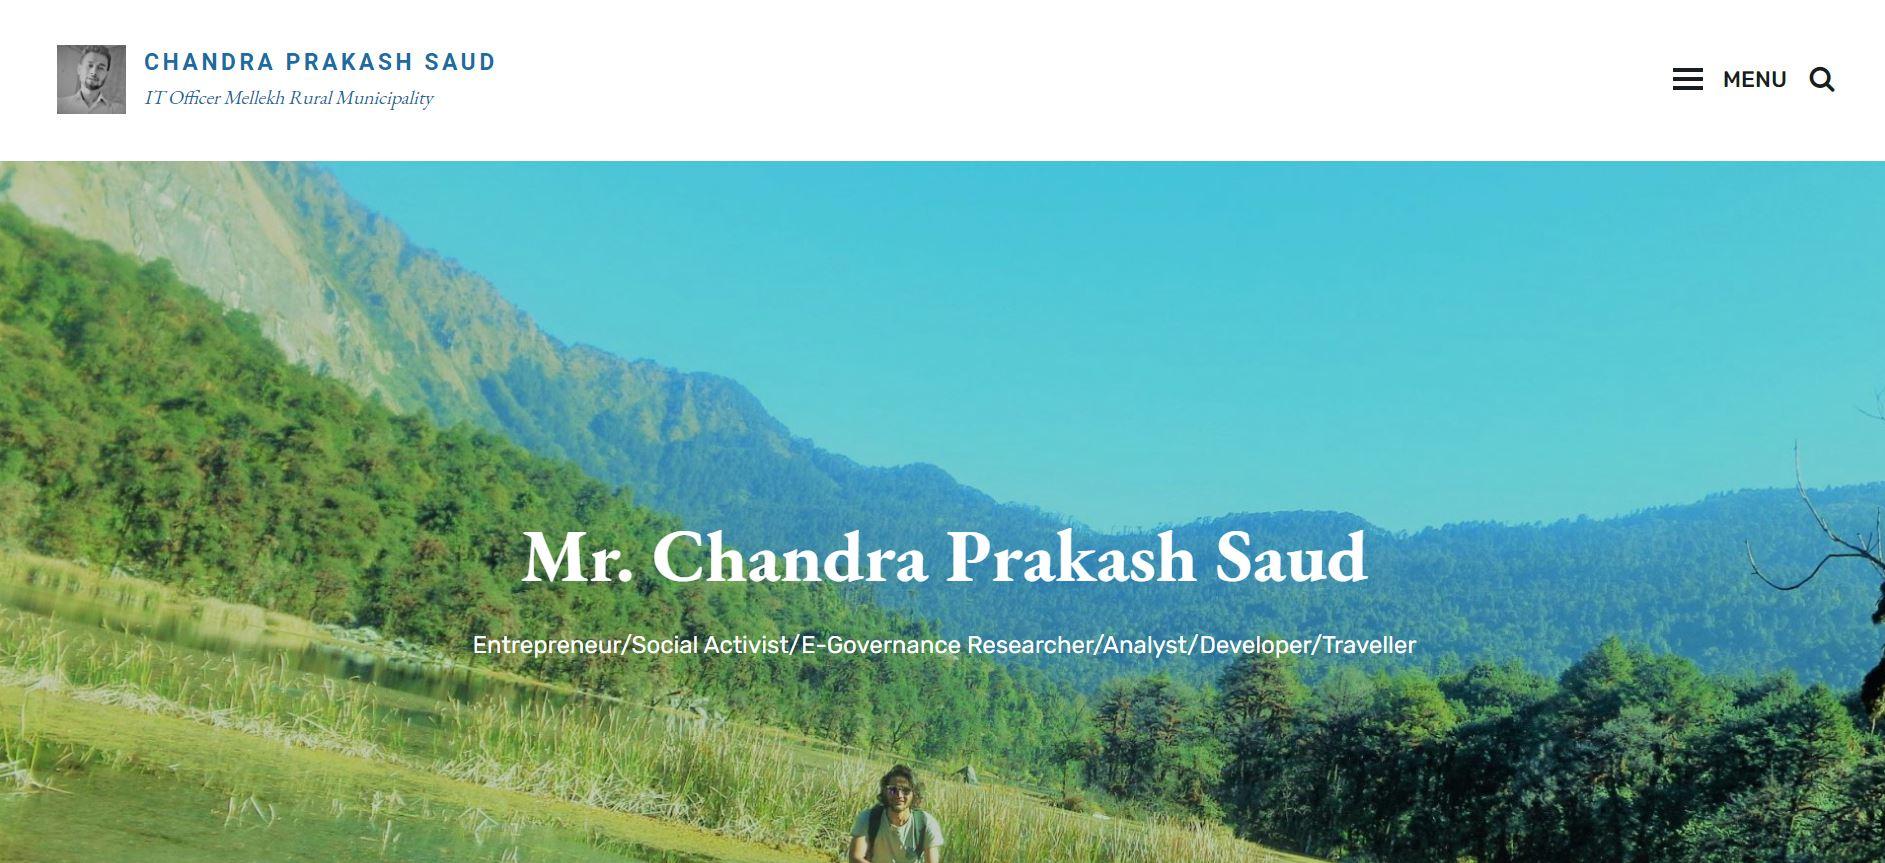 Chandra Prakash Saud | Far West Infotech & Research Center